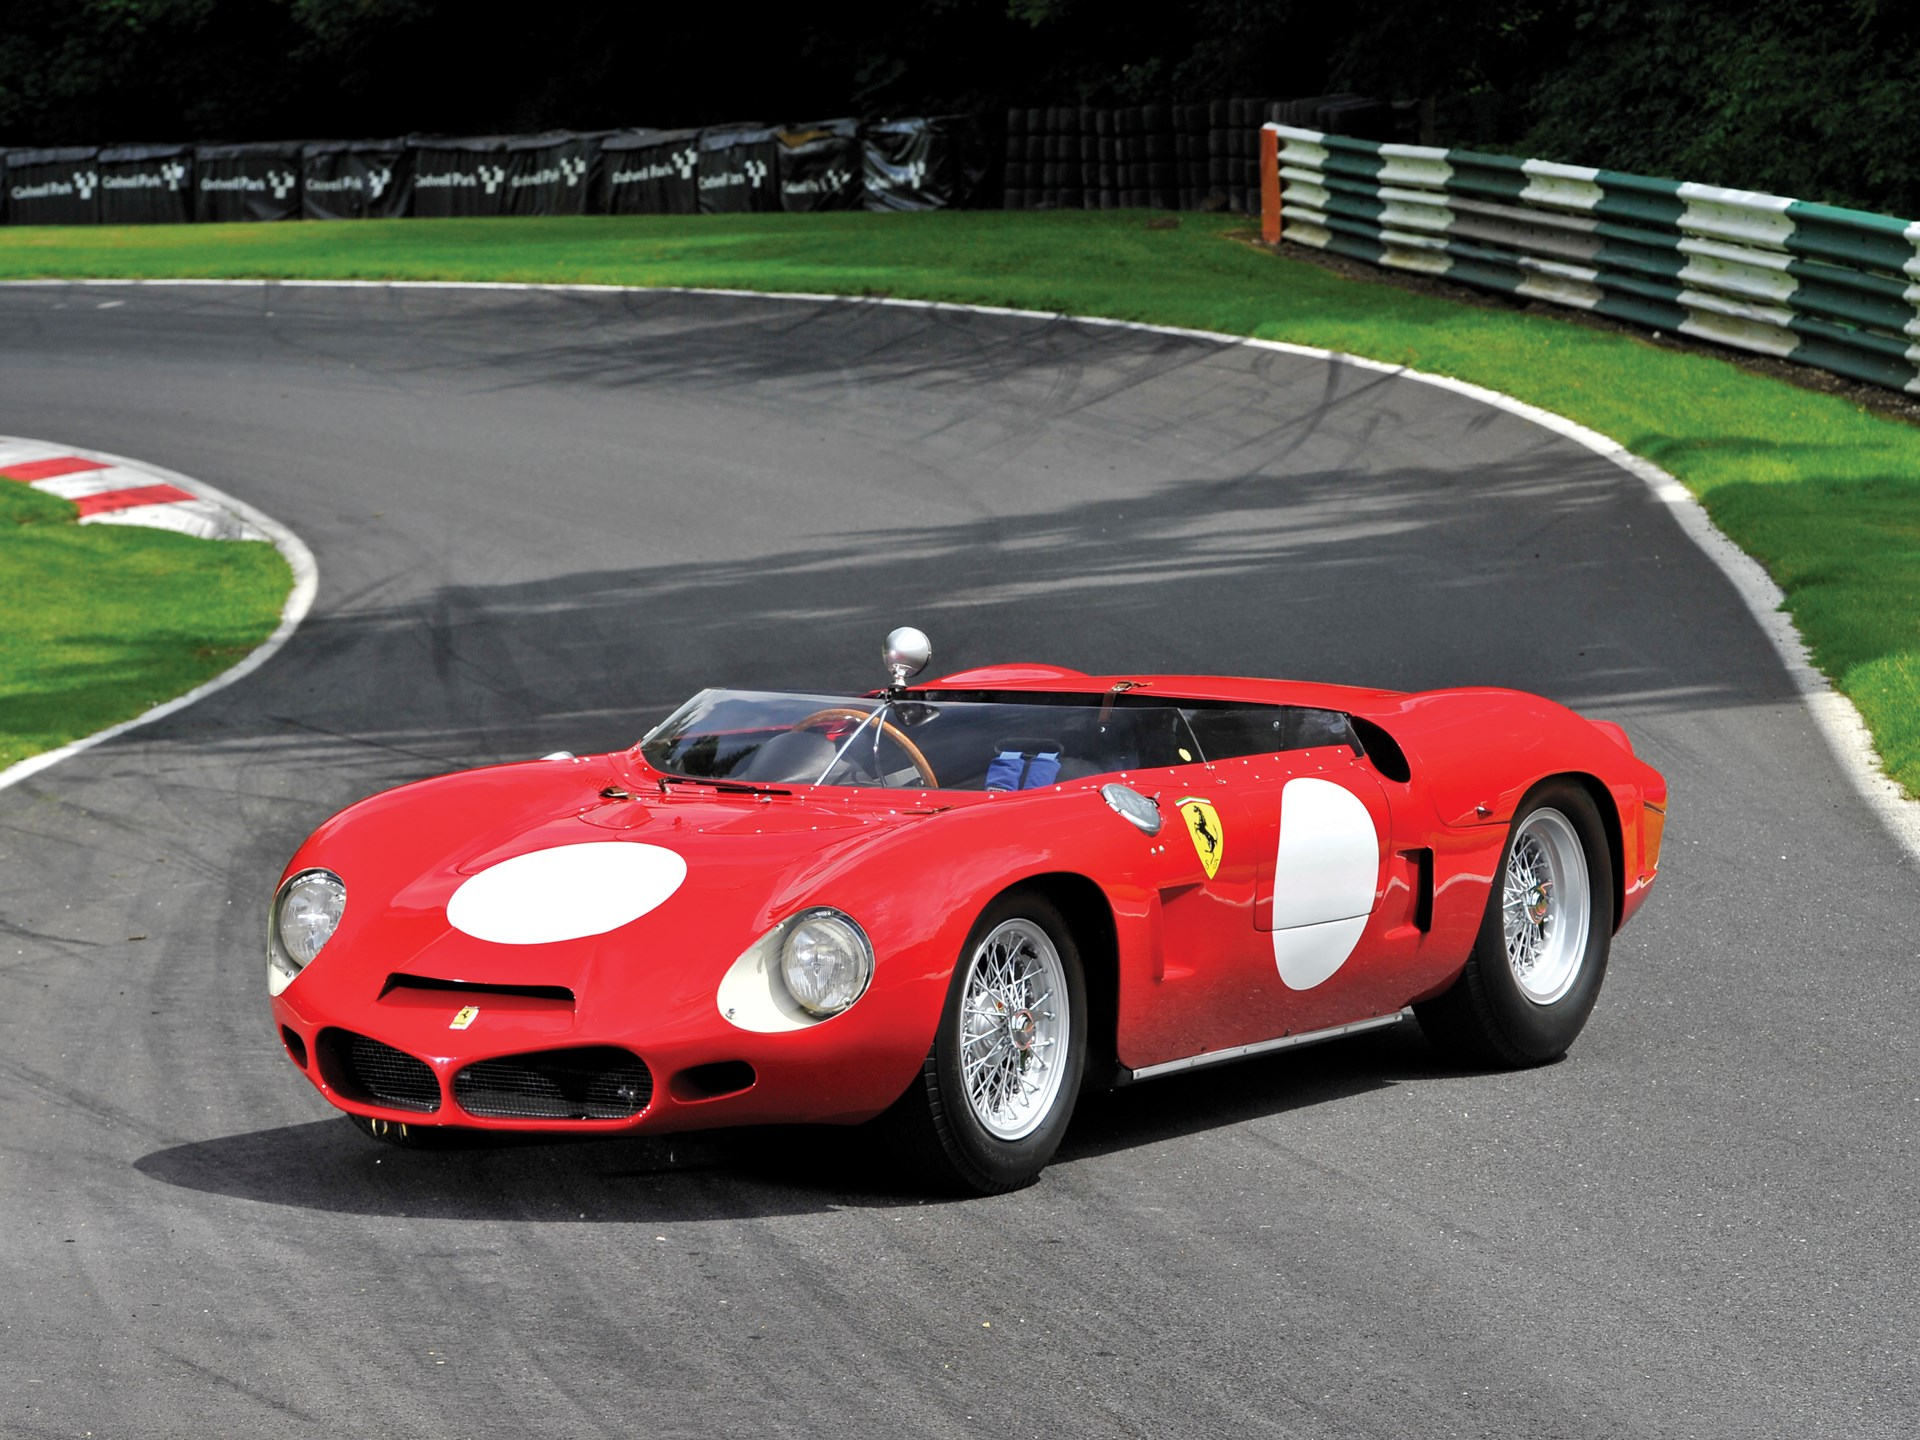 1962 Ferrari 268 SP by Fantuzzi